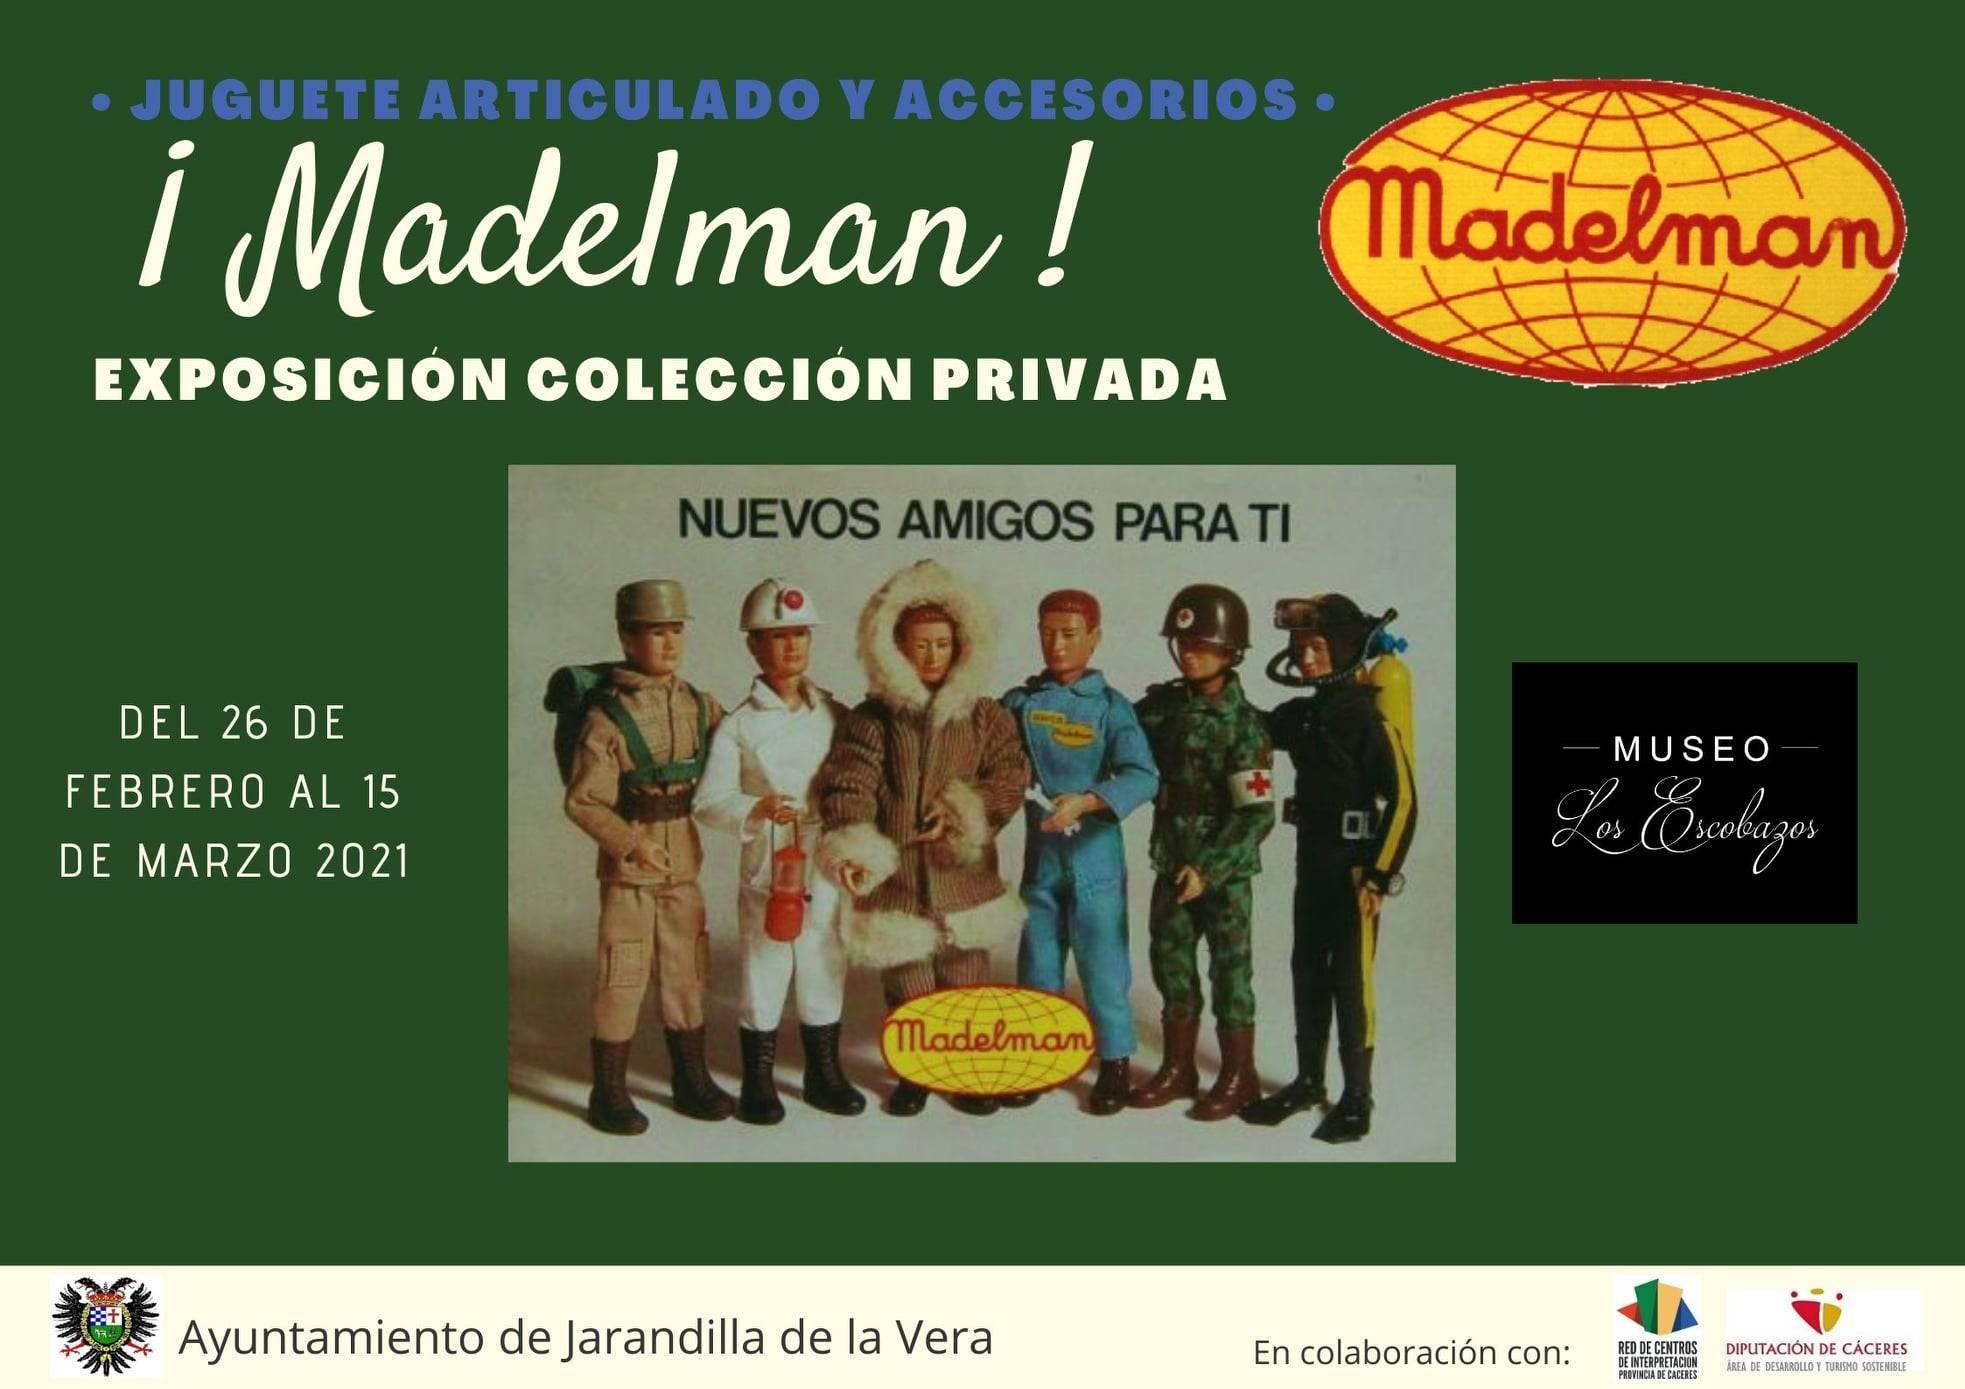 Exposición de Madelman (2021) - Jarandilla de la Vera (Cáceres)